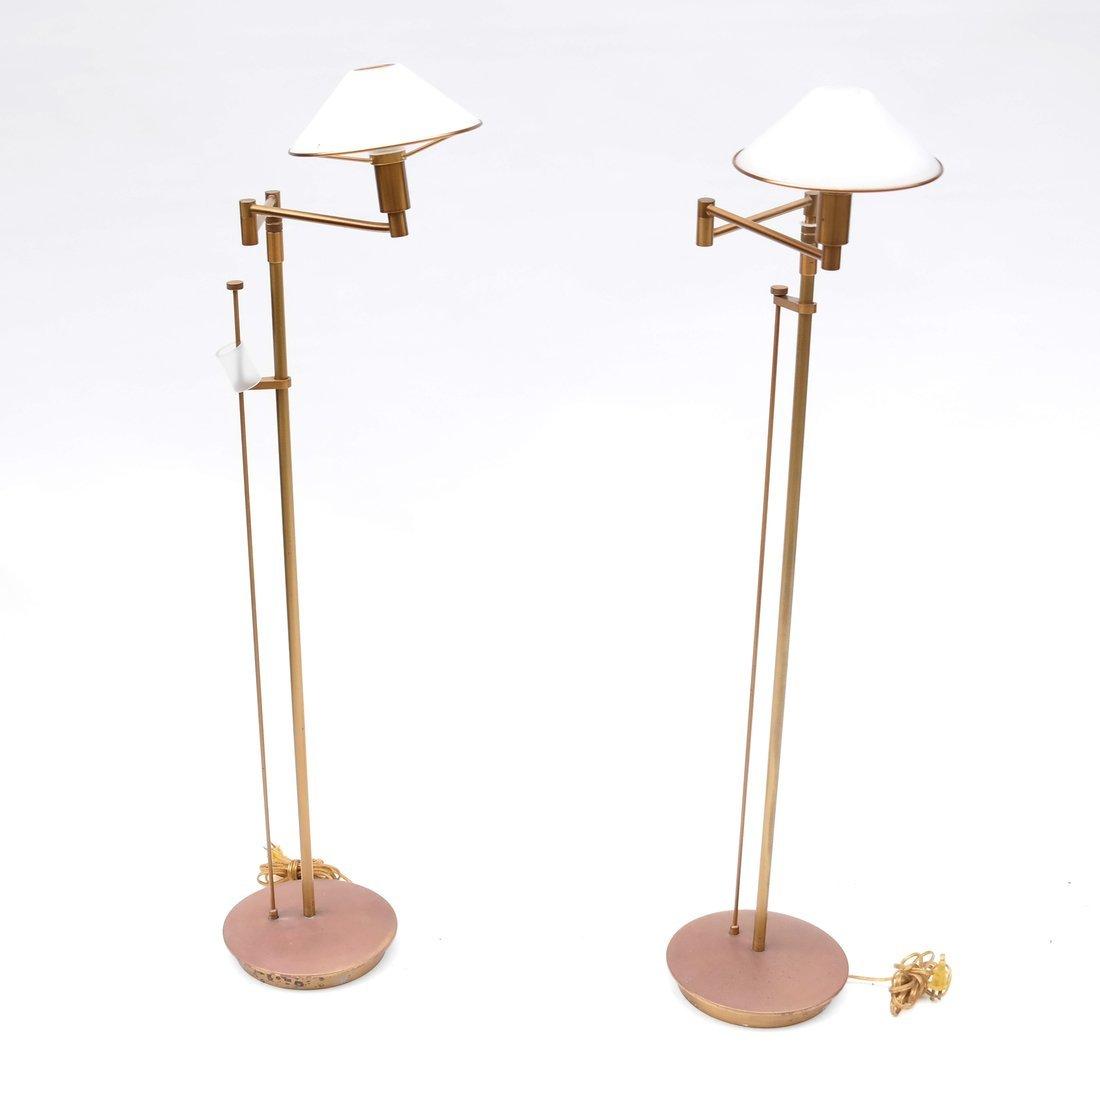 Pair of Modern Swing Arm Floor Lamps